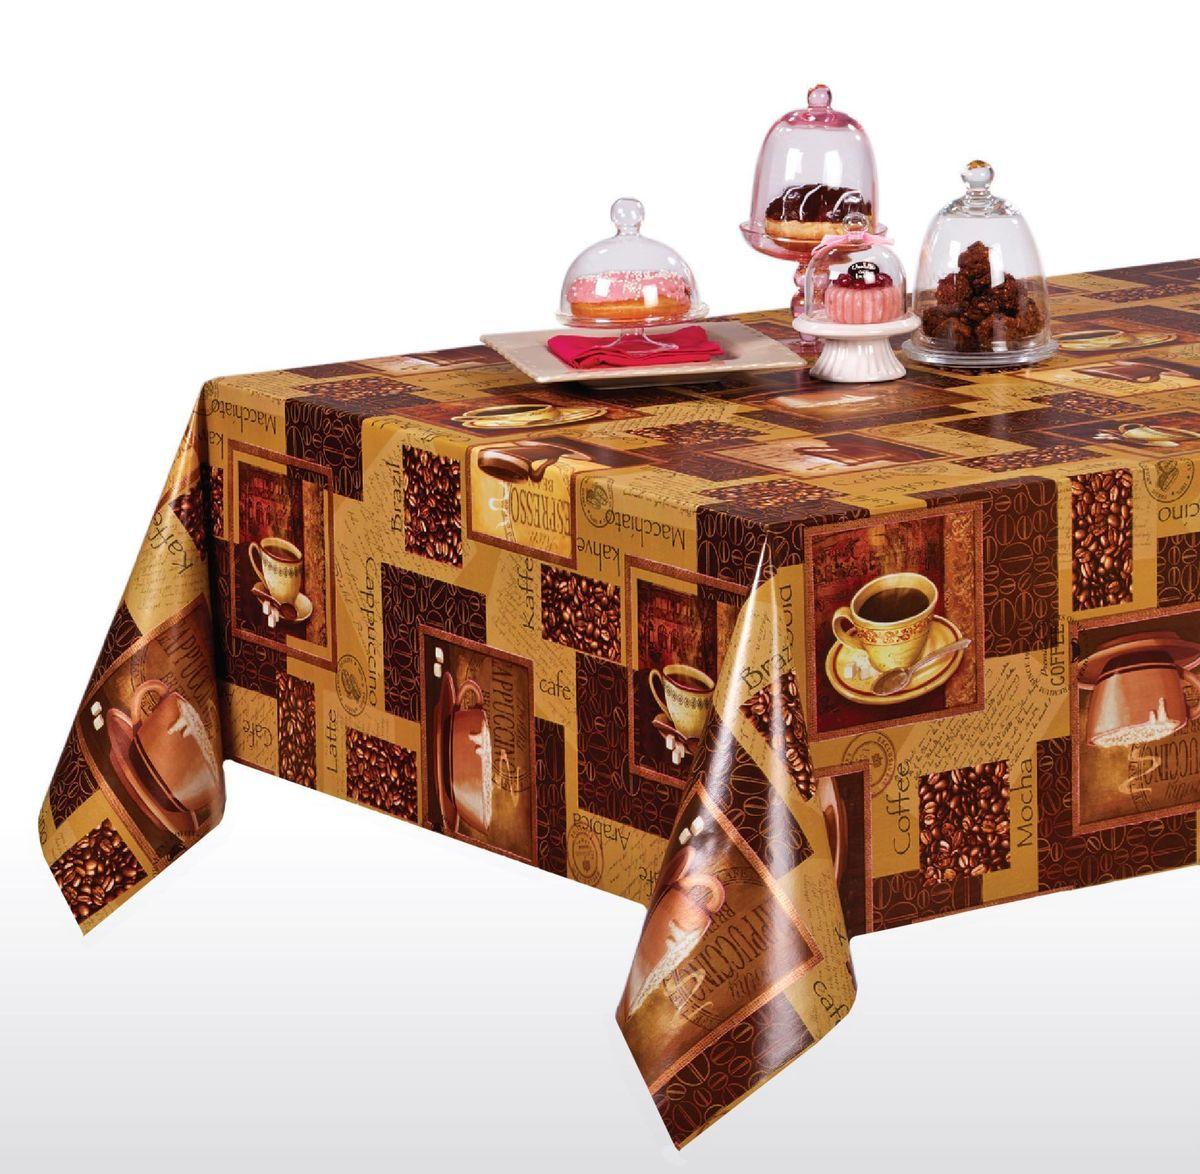 Столовая клеенка LCadesi Florista, прямоугольная, 130 х 165 см. FL130165-004-00VT-1520(SR)Столовая клеенка Florista с ярким дизайном украсит ваш стол и защитит его от царапин и пятен. Благодаря основе из нетканого материала не скользит по столу. Клеенка не имеет запаха и совершенно безопасна для человека.